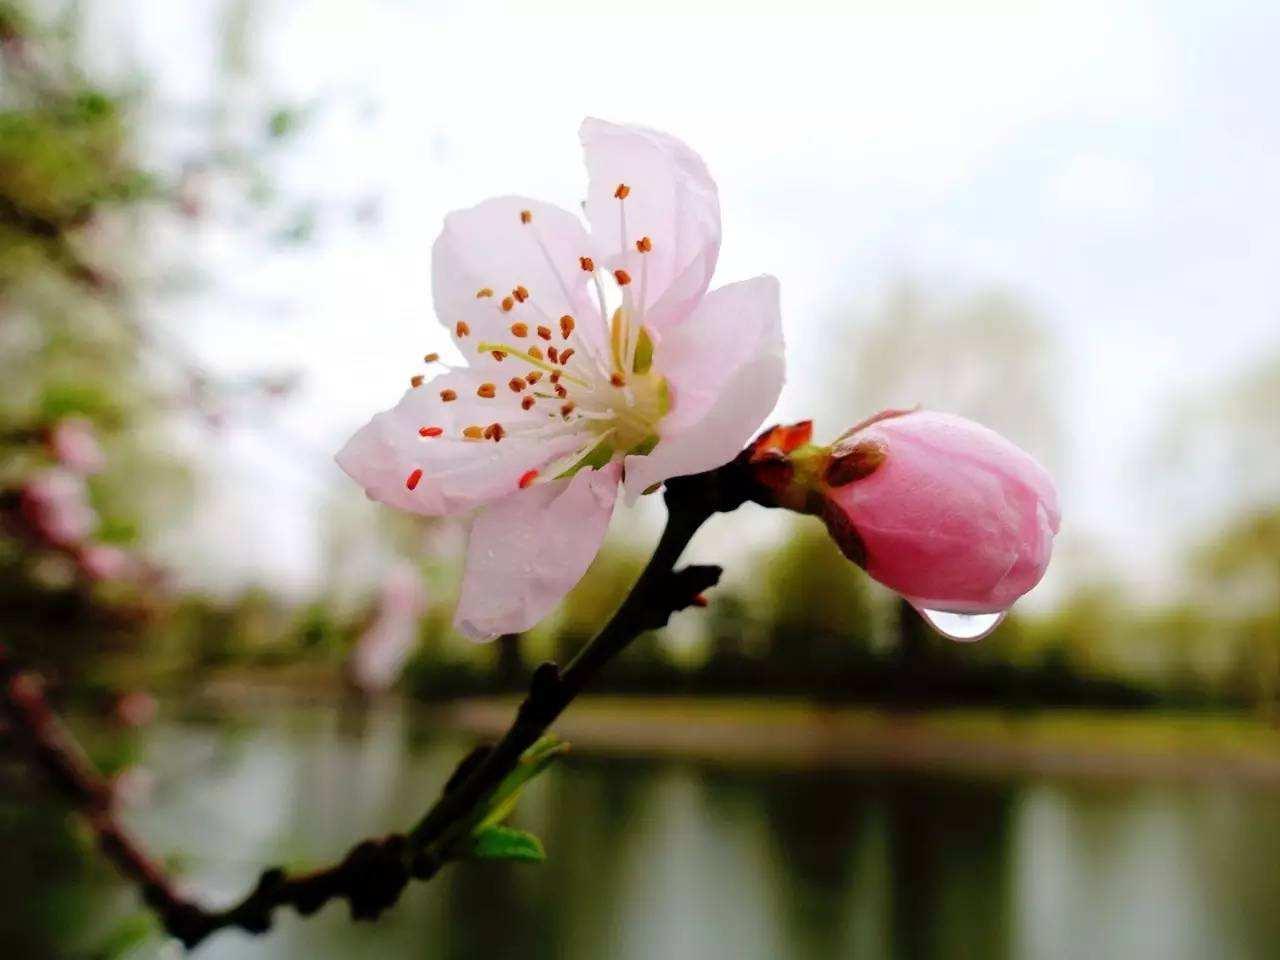 春雨缠绵,缠绵出一种离愁